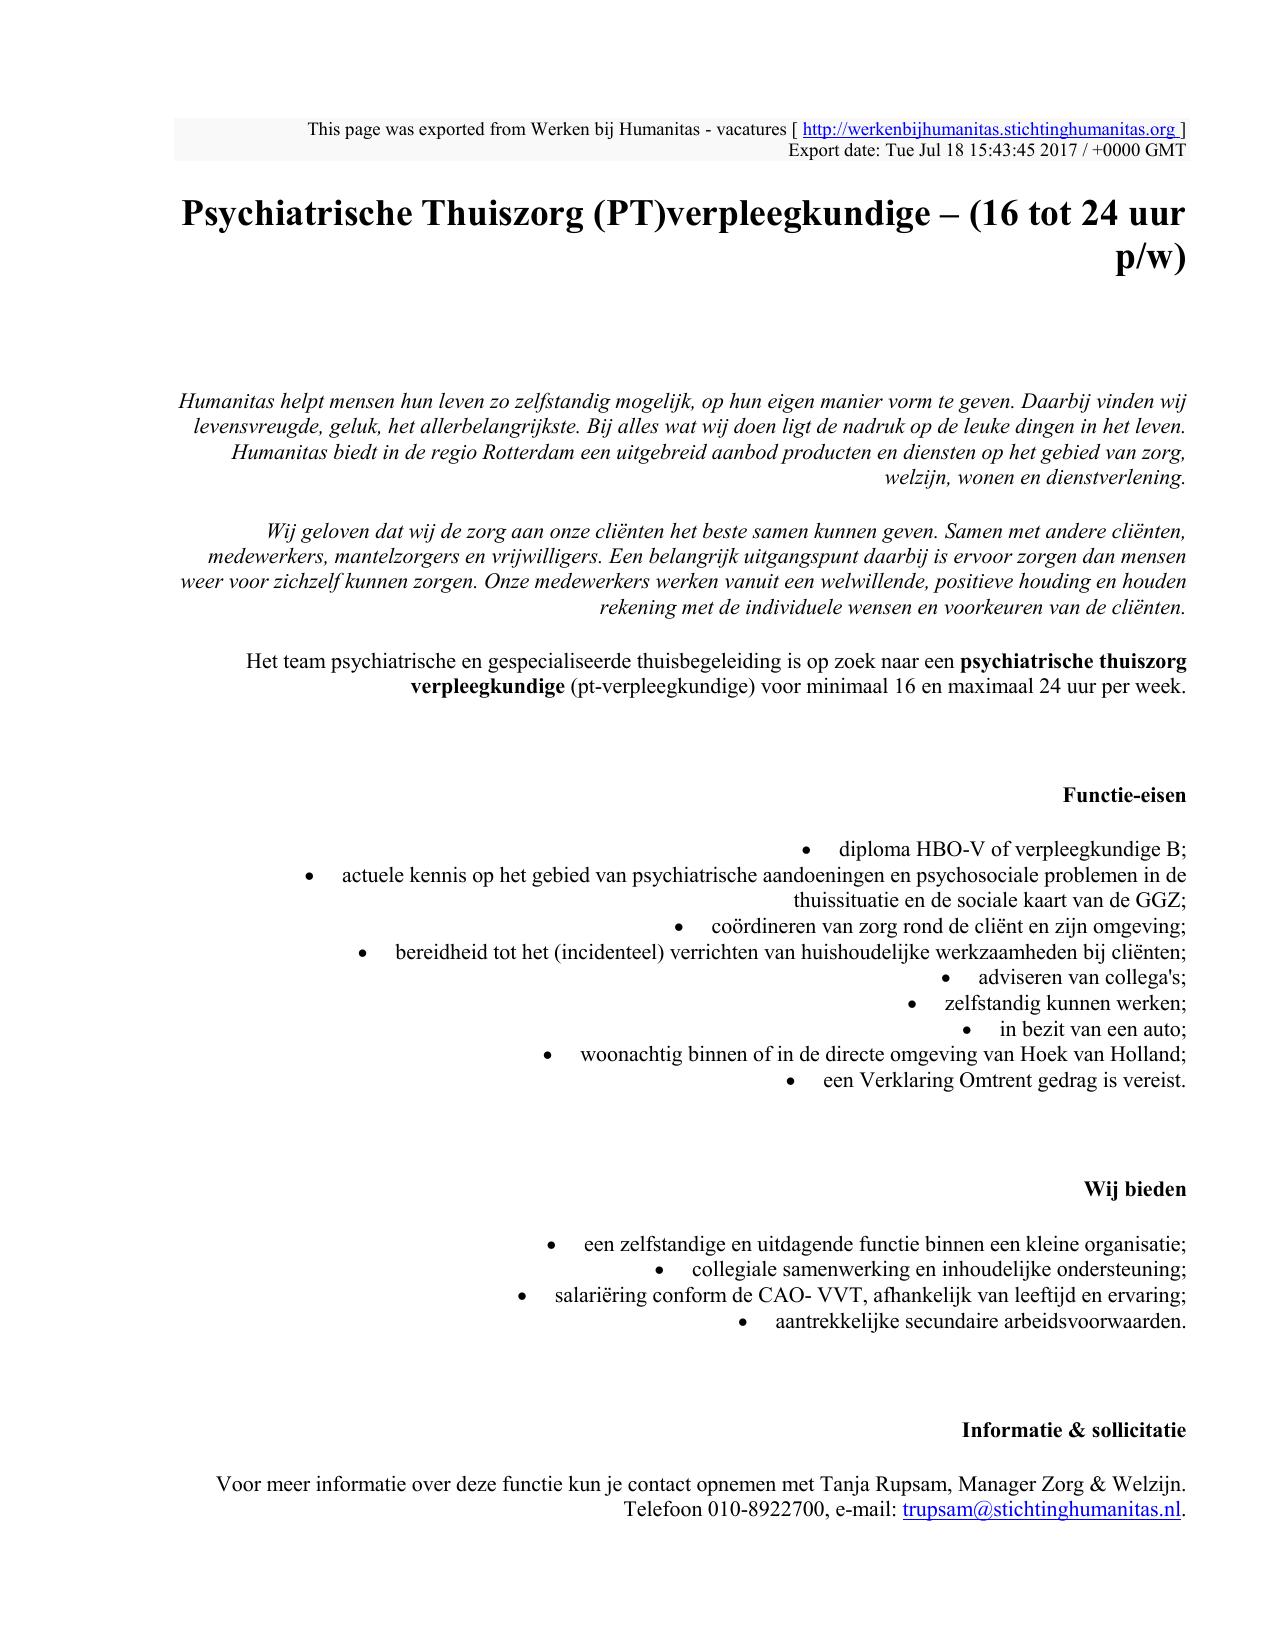 Psychiatrische Thuiszorg (PT)verpleegkundige – (16 tot 24